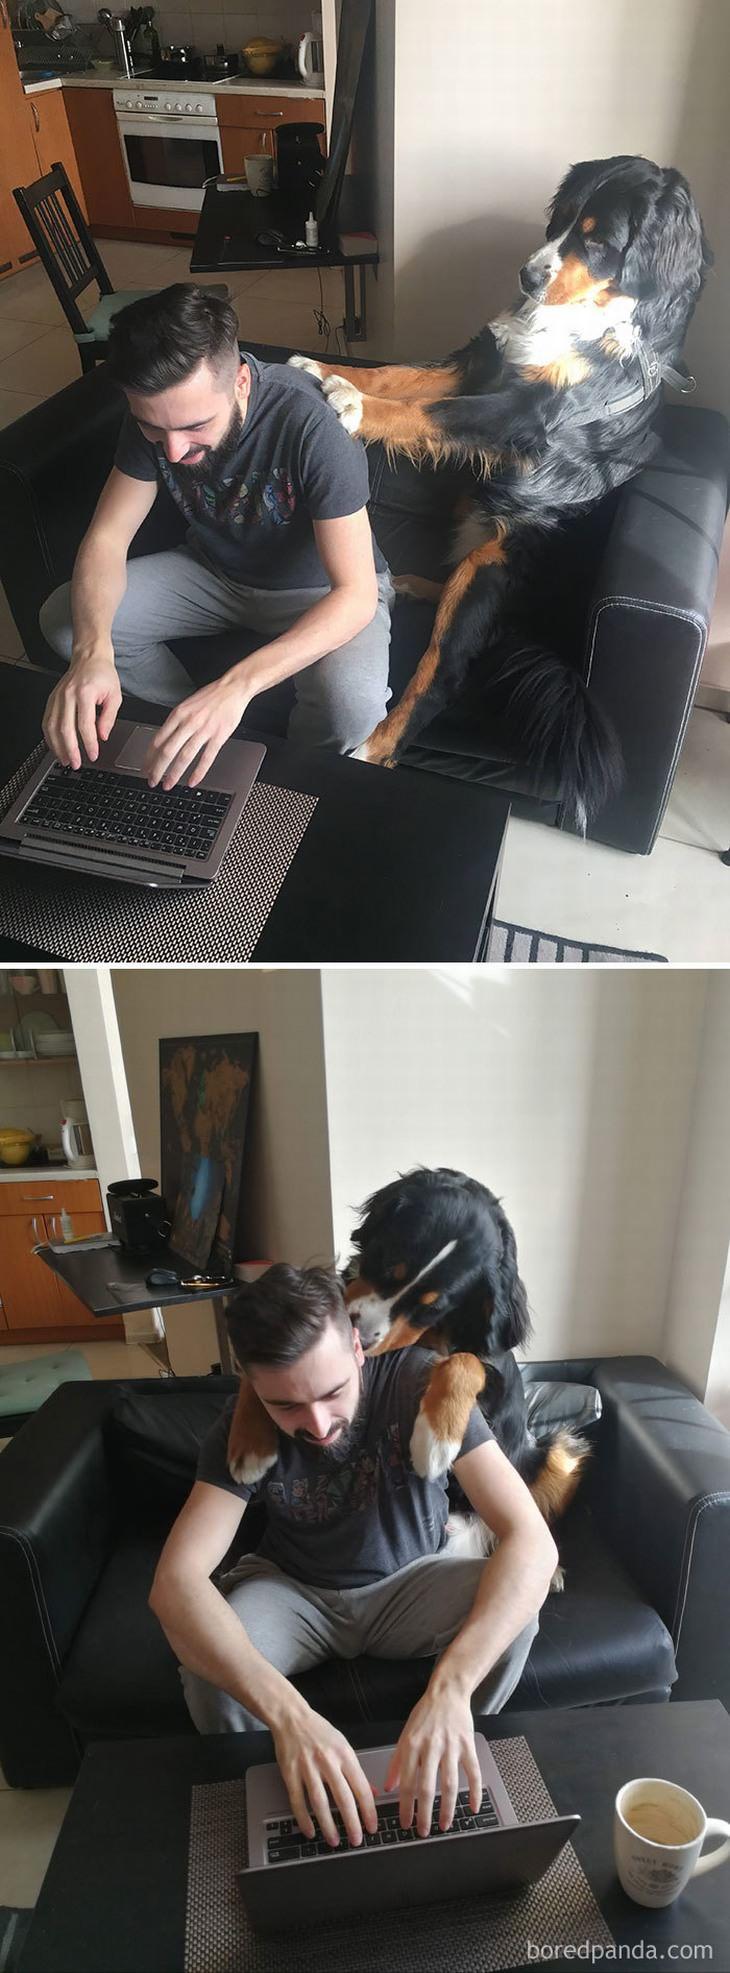 חיות מחמד חמודות בעבודה מהבית: כלב מעסה את הגב של בעליו בזמן שהוא עובד מול המחשב